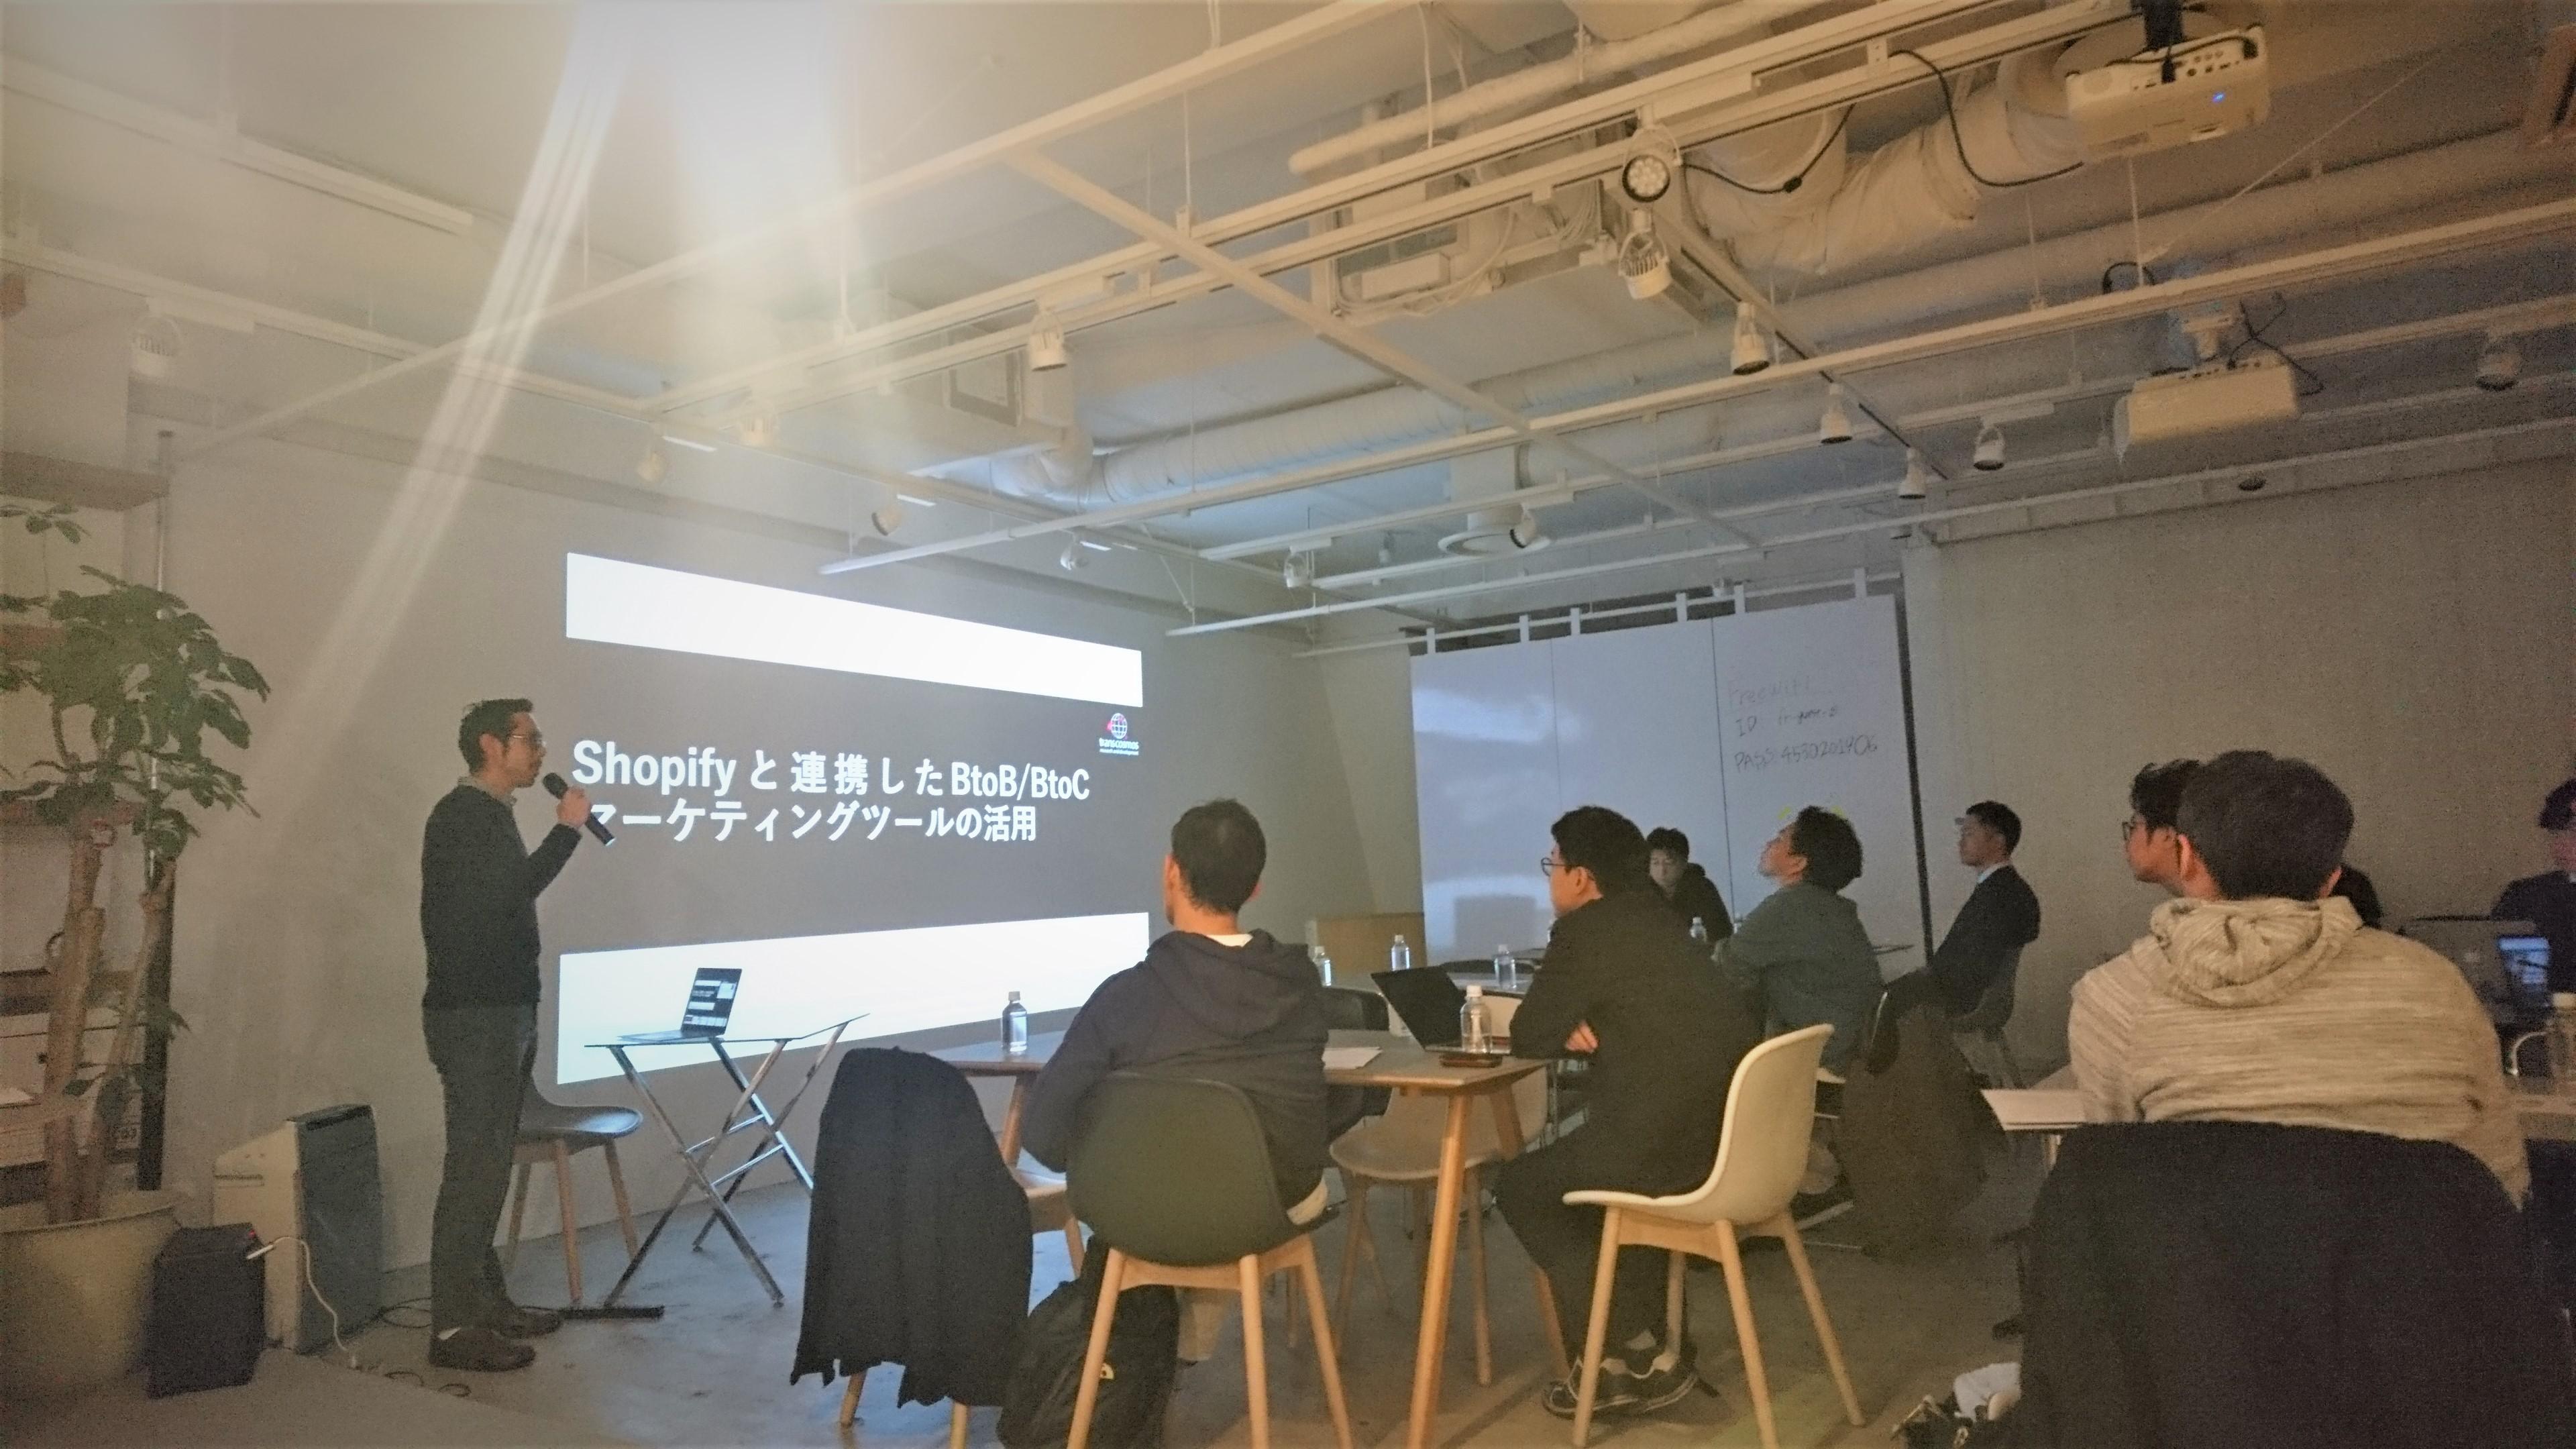 D2Cブランドの成長フェーズとShopify活用を知る。フラクタ×トランスコスモス技術研究所【#ShopifyjpMeetup レポート】